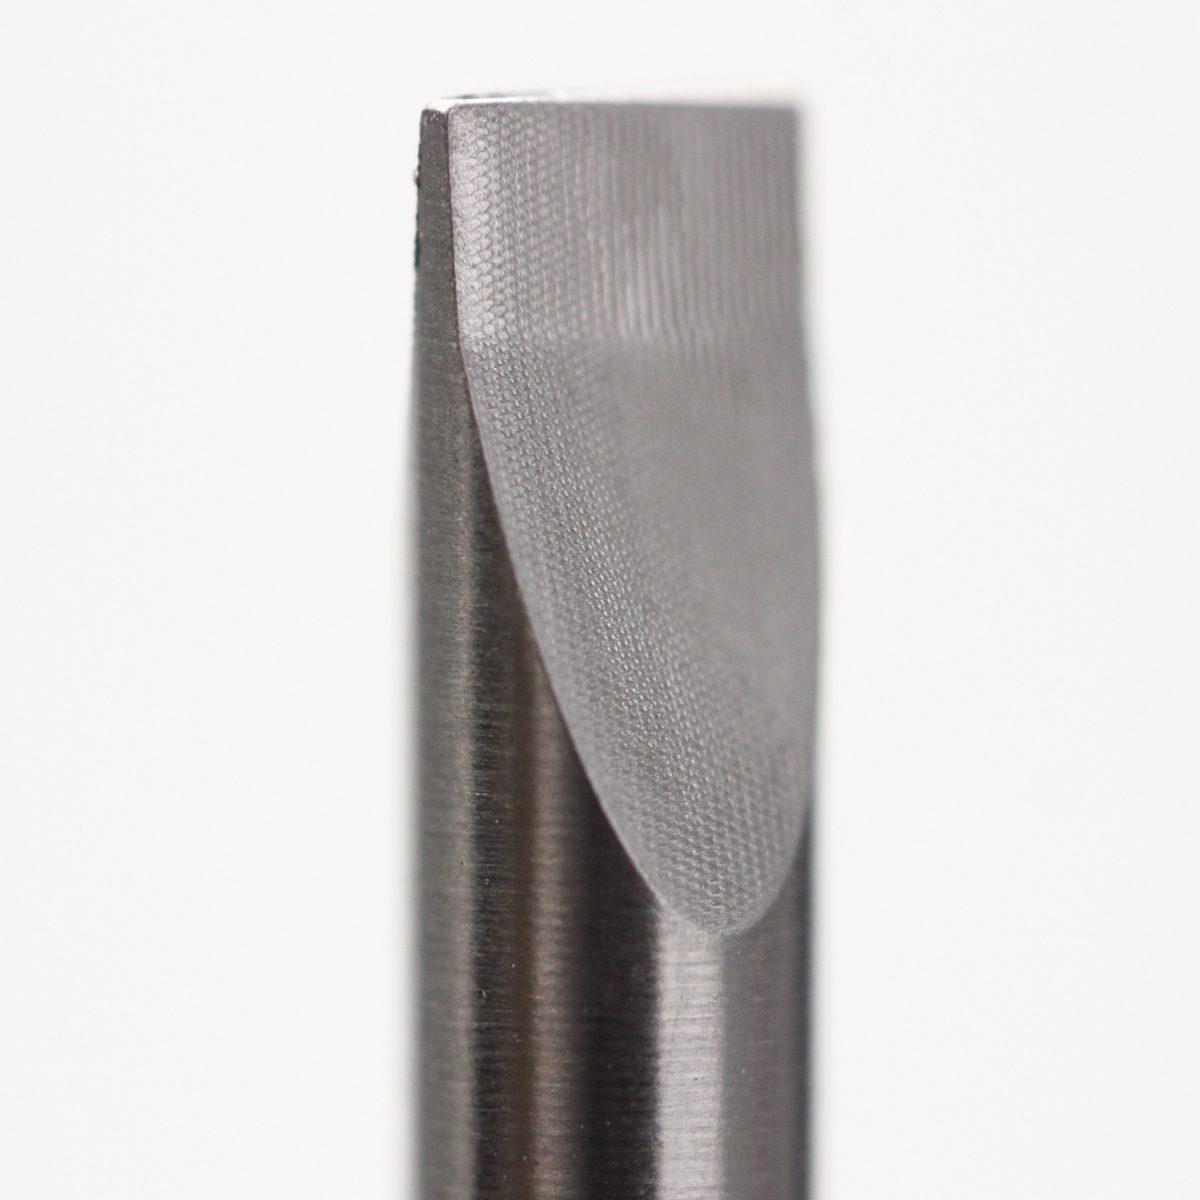 jls versa grip gold screwdriver blade 156 x 7 6